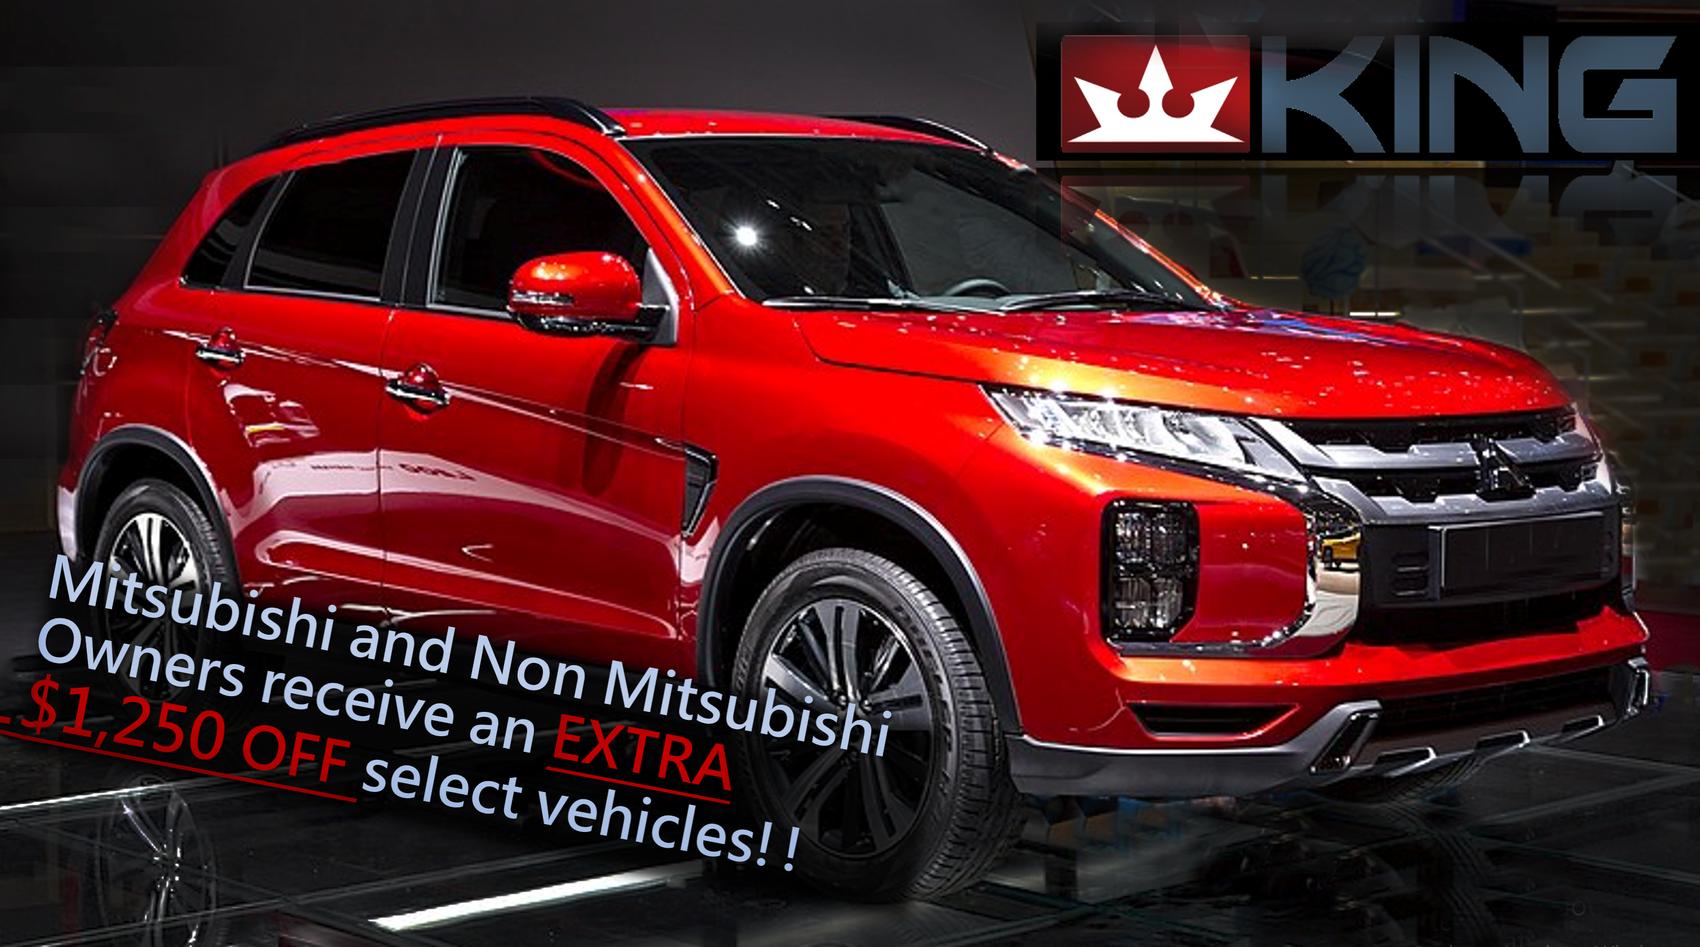 King Auto Mitsubishi Group Sale